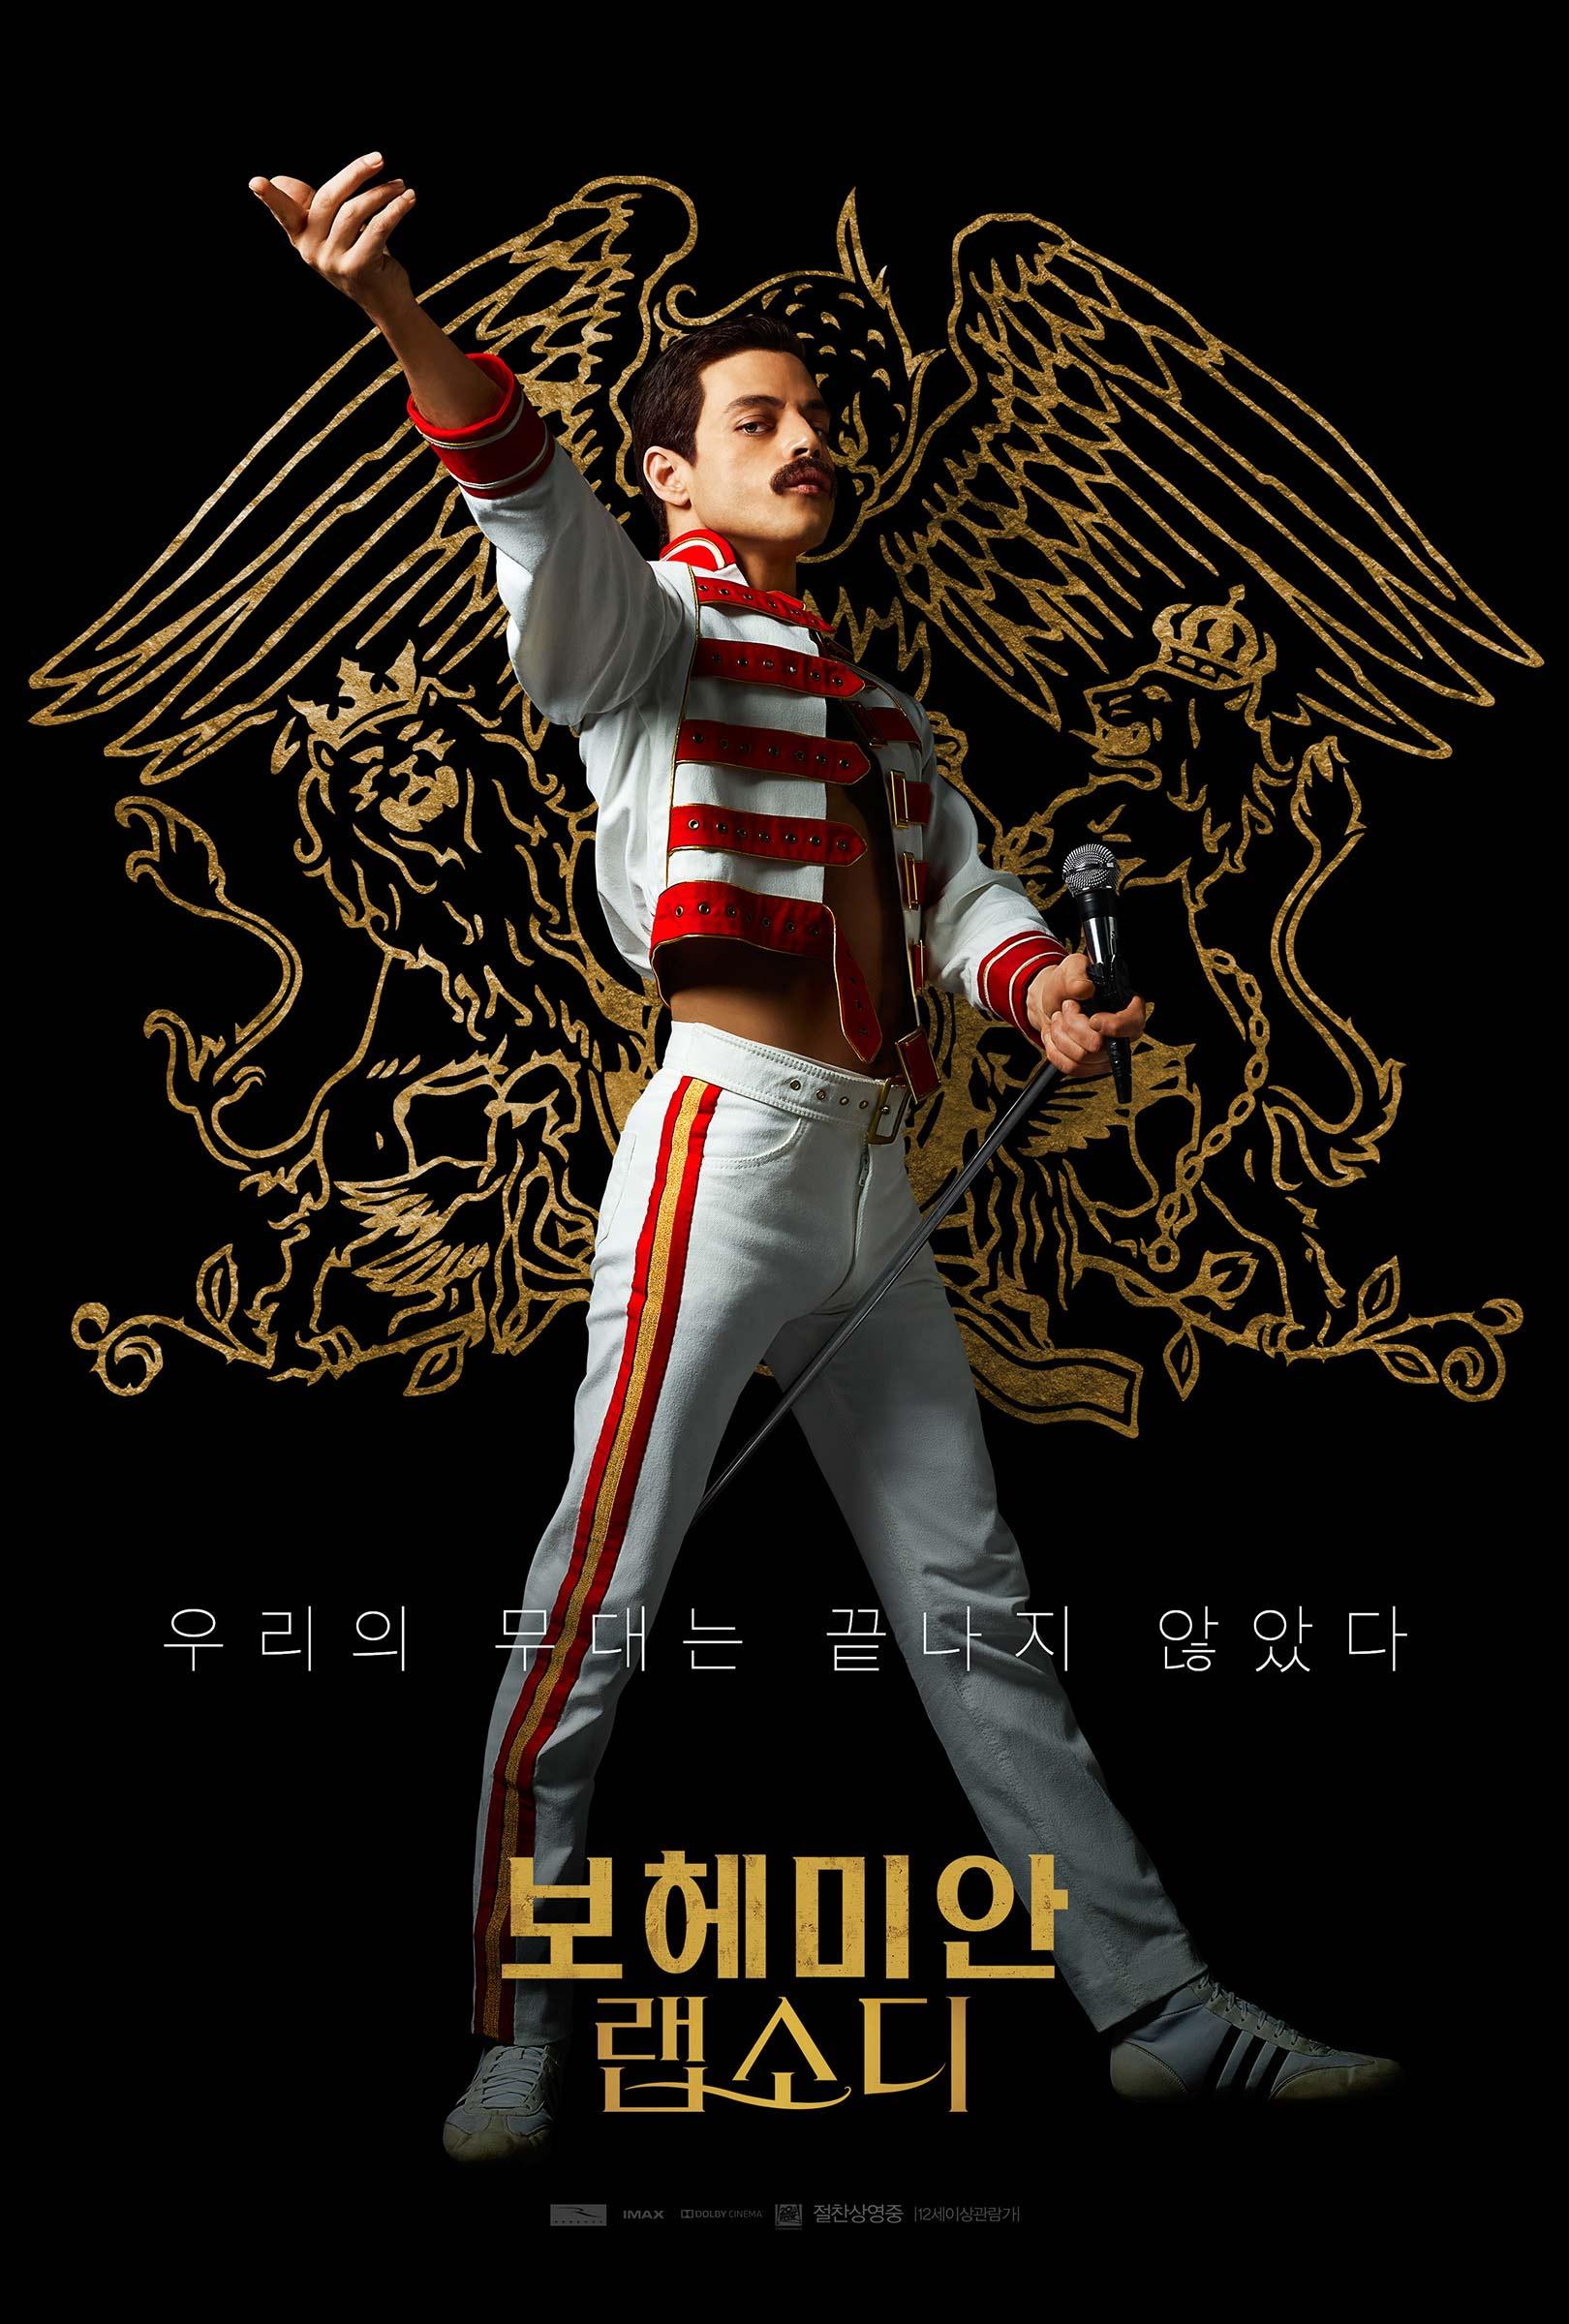 보헤미안 랩소디 (Bohemian Rhapsody, 2018)